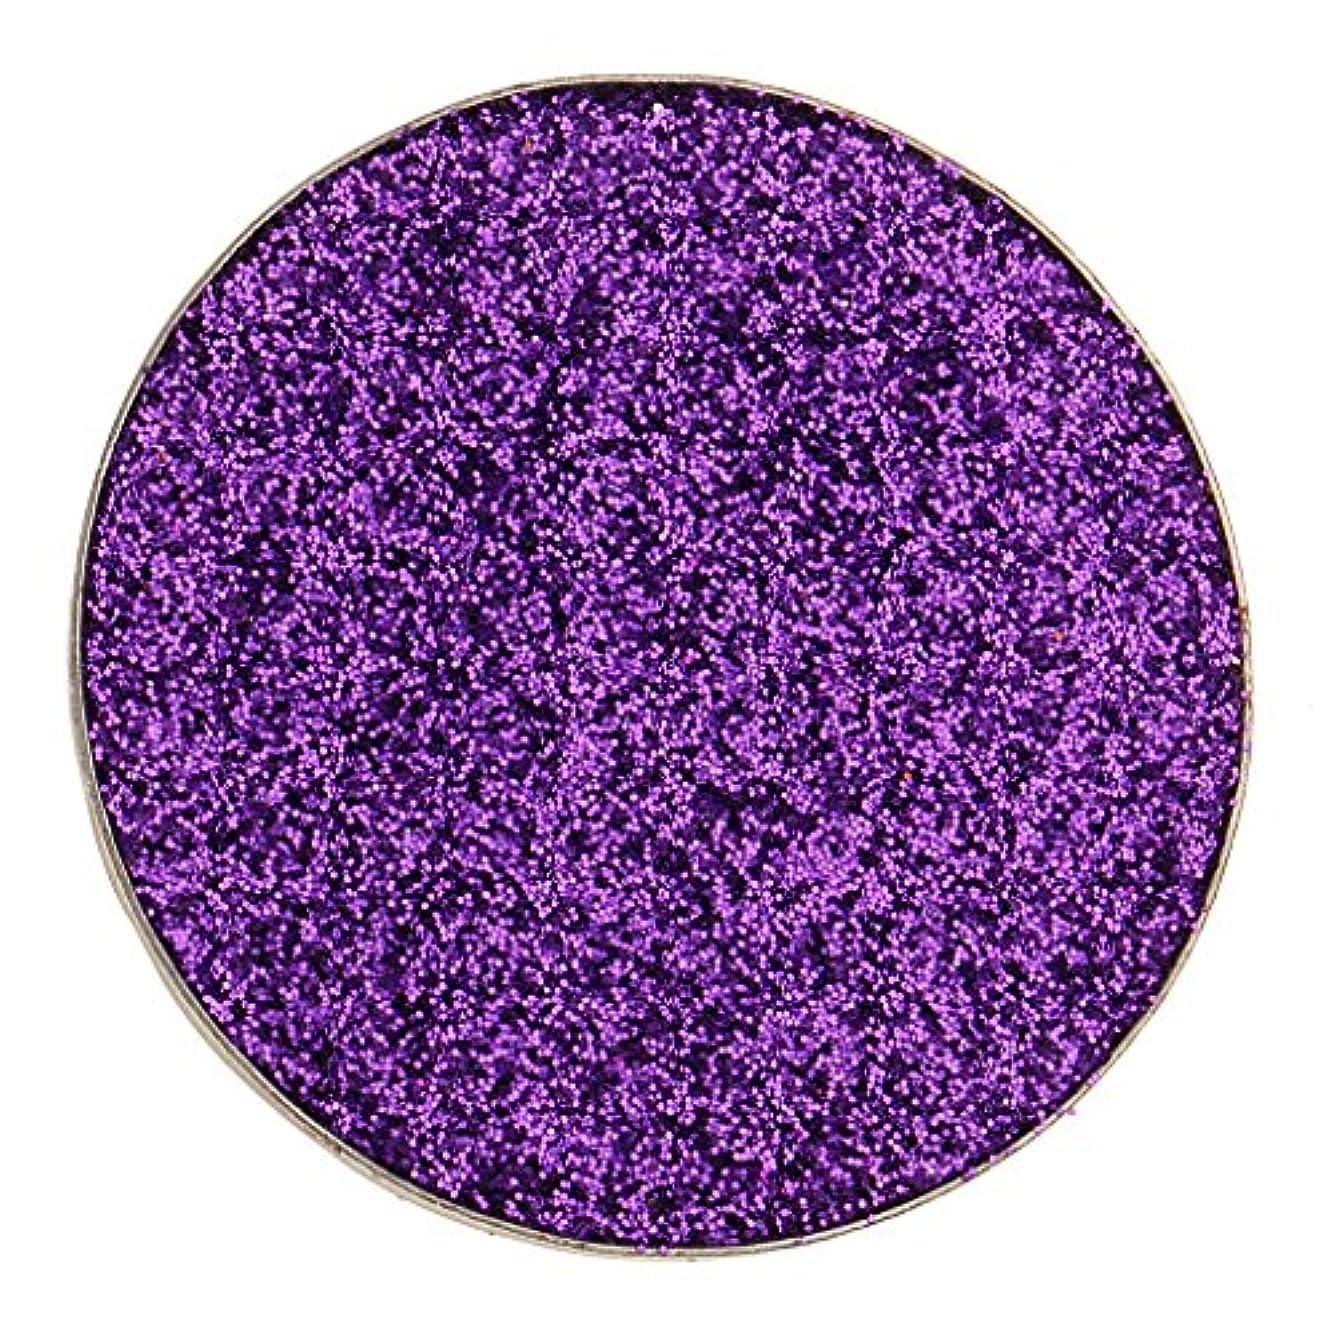 普通の伴うパントリーToygogo スパークリングダイヤモンドキラキラシマーコスメティックメイクアッププレスドパウダーアイシャドウピグメントスモーキーパーティーアイシャドウパレット5色緑赤紫シルバーマルチ - 紫